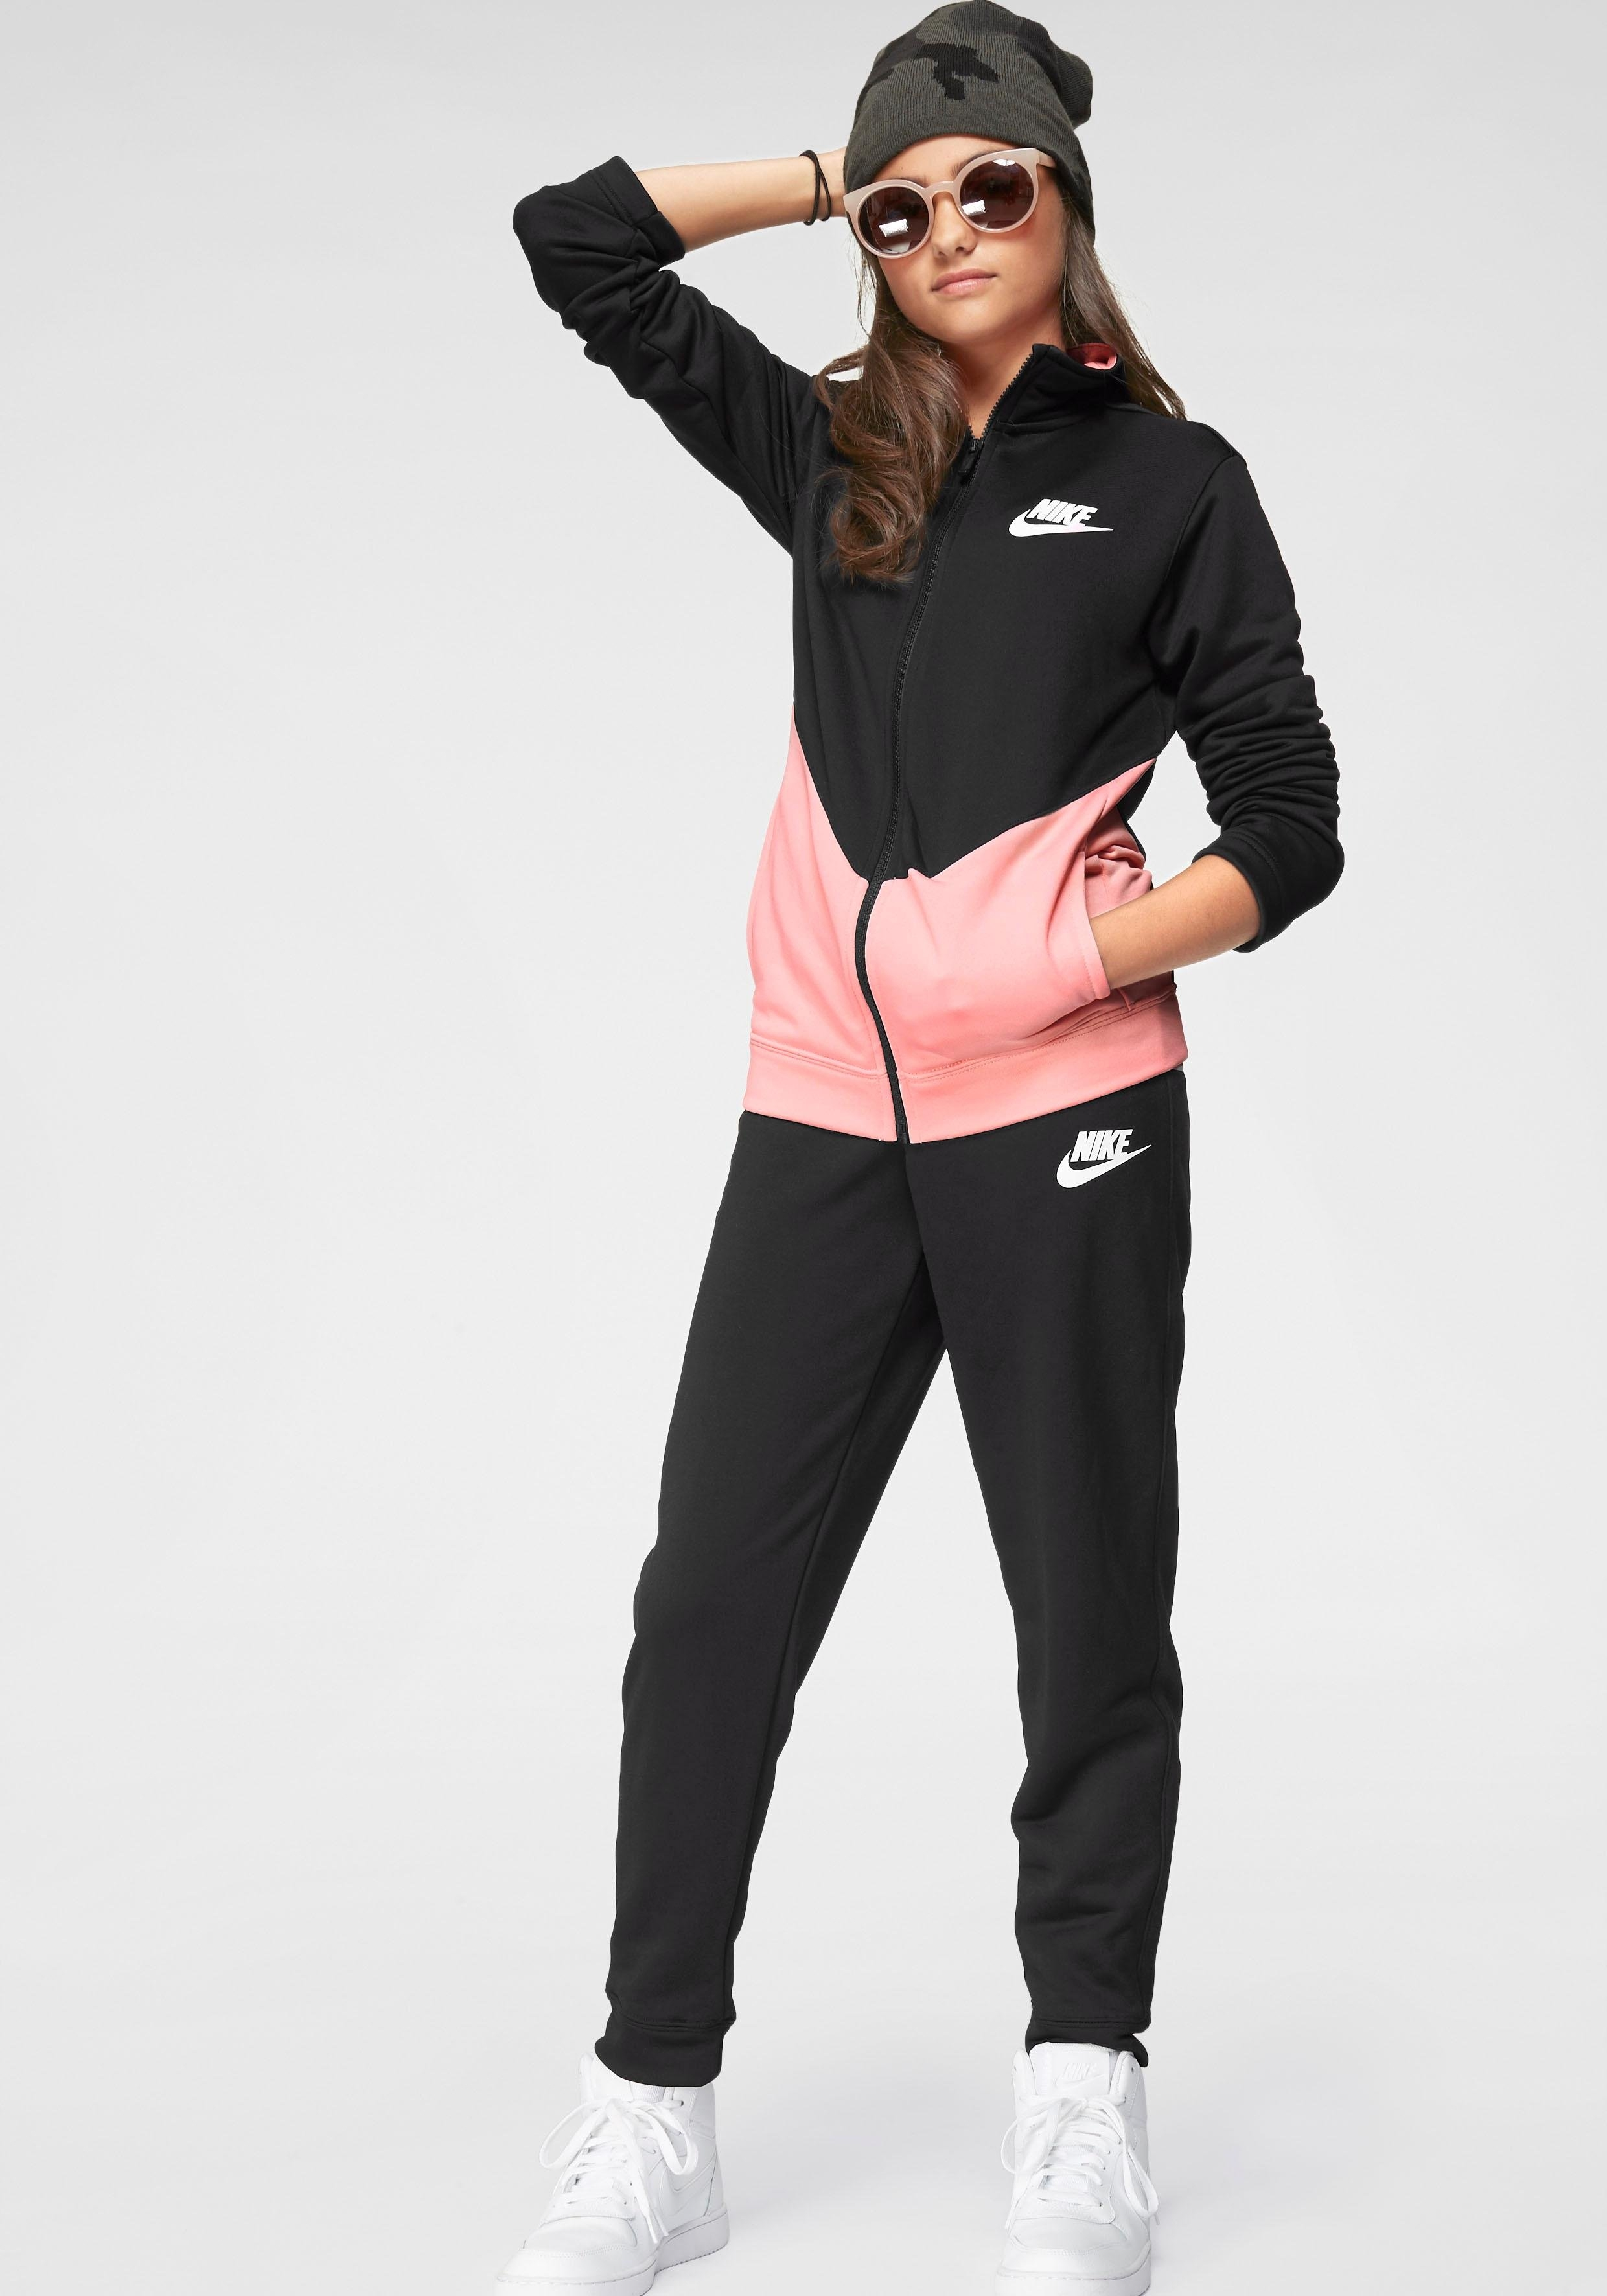 Nike Sportswear trainingspak »BOYS NIKE SPORTSWEAR CORE TRACKSUIT PLAY FUTURA« (set, 2-delig) voordelig en veilig online kopen